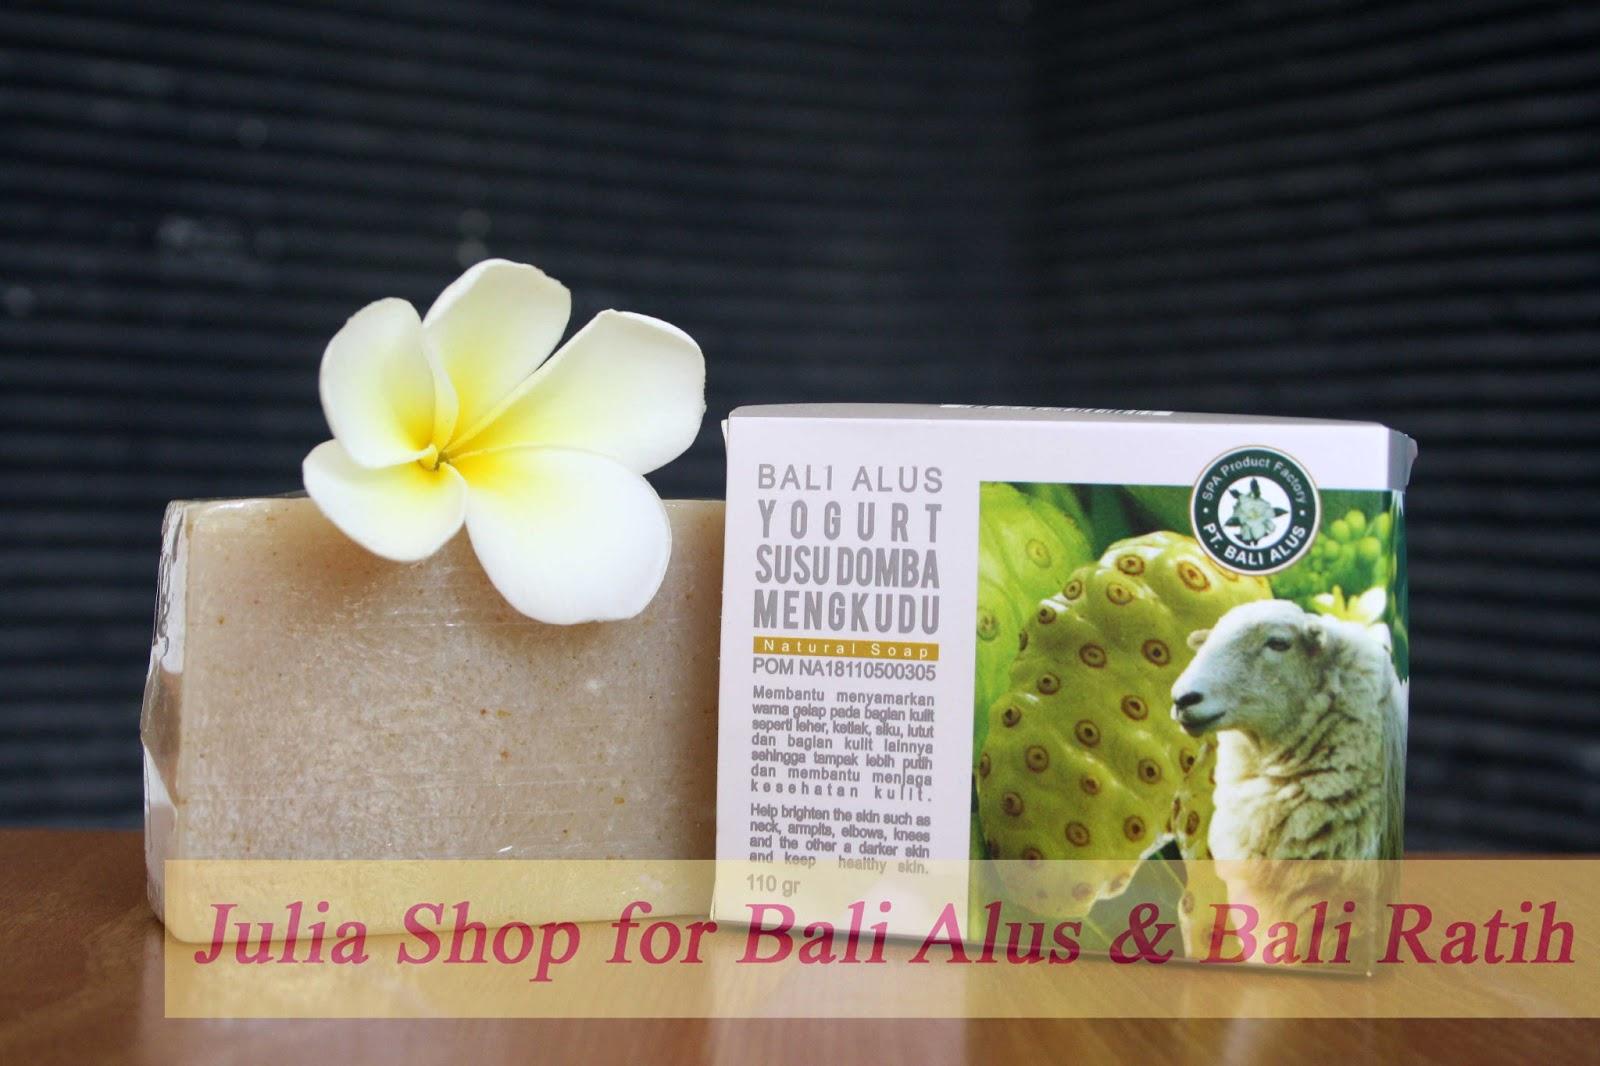 Essential Oil 50ml Julia Shop Bekasi Sabun Natural Spa 110gr Yogurt Susu Domba Mengkudu Bali Alus